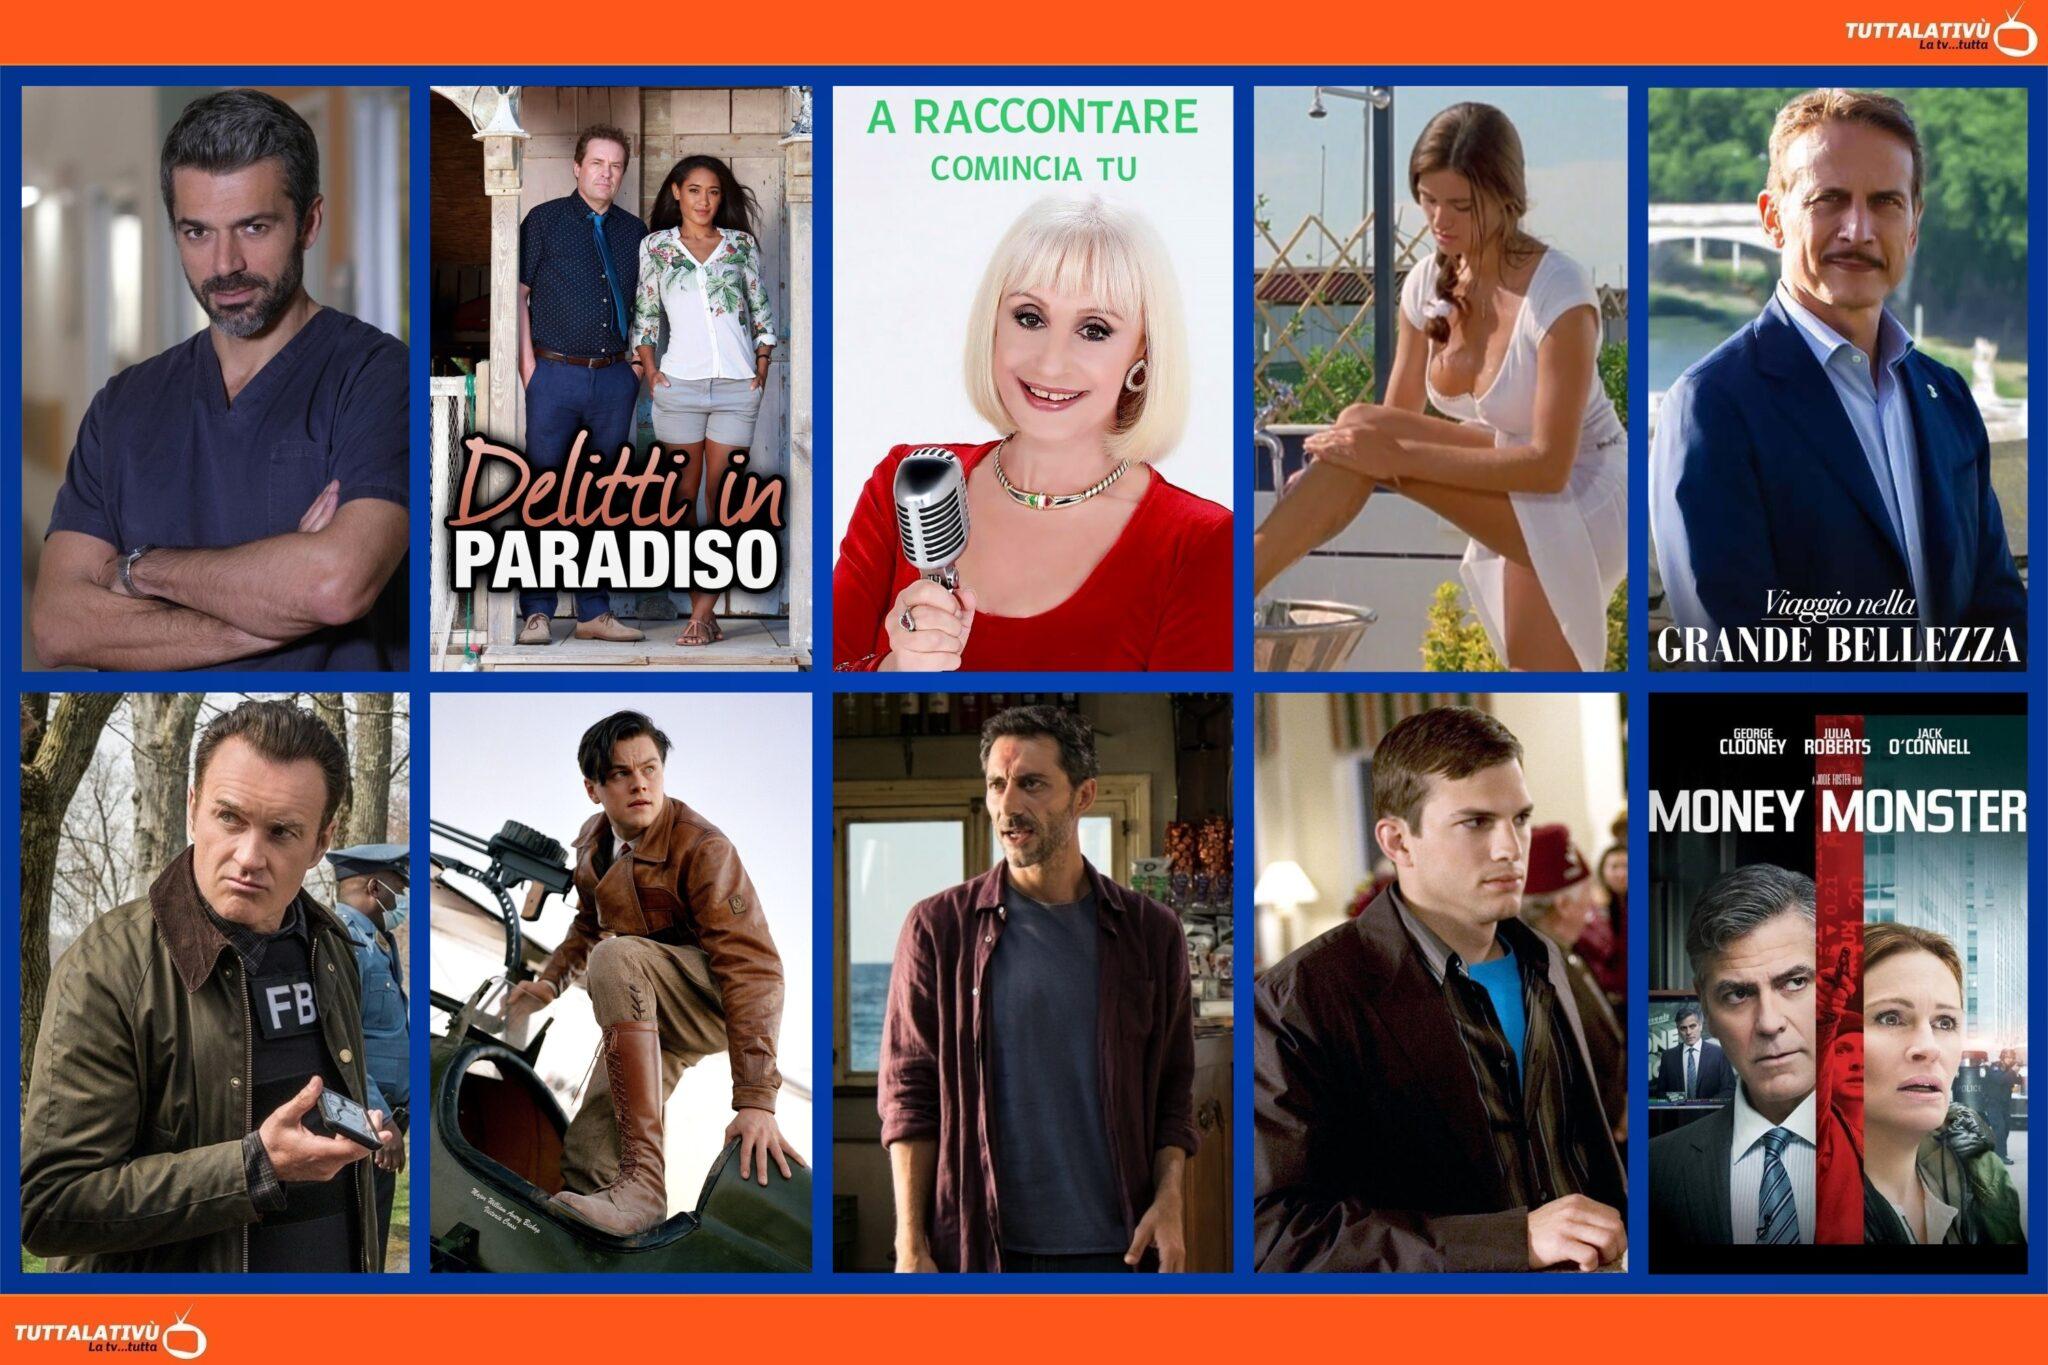 GuidaTV 12 Agosto 2021: DOC. Nelle tue mani, Viaggio nella Grande Bellezza, Delitti in Paradiso vs FBI: Most Wanted, The Aviator, Money Monster